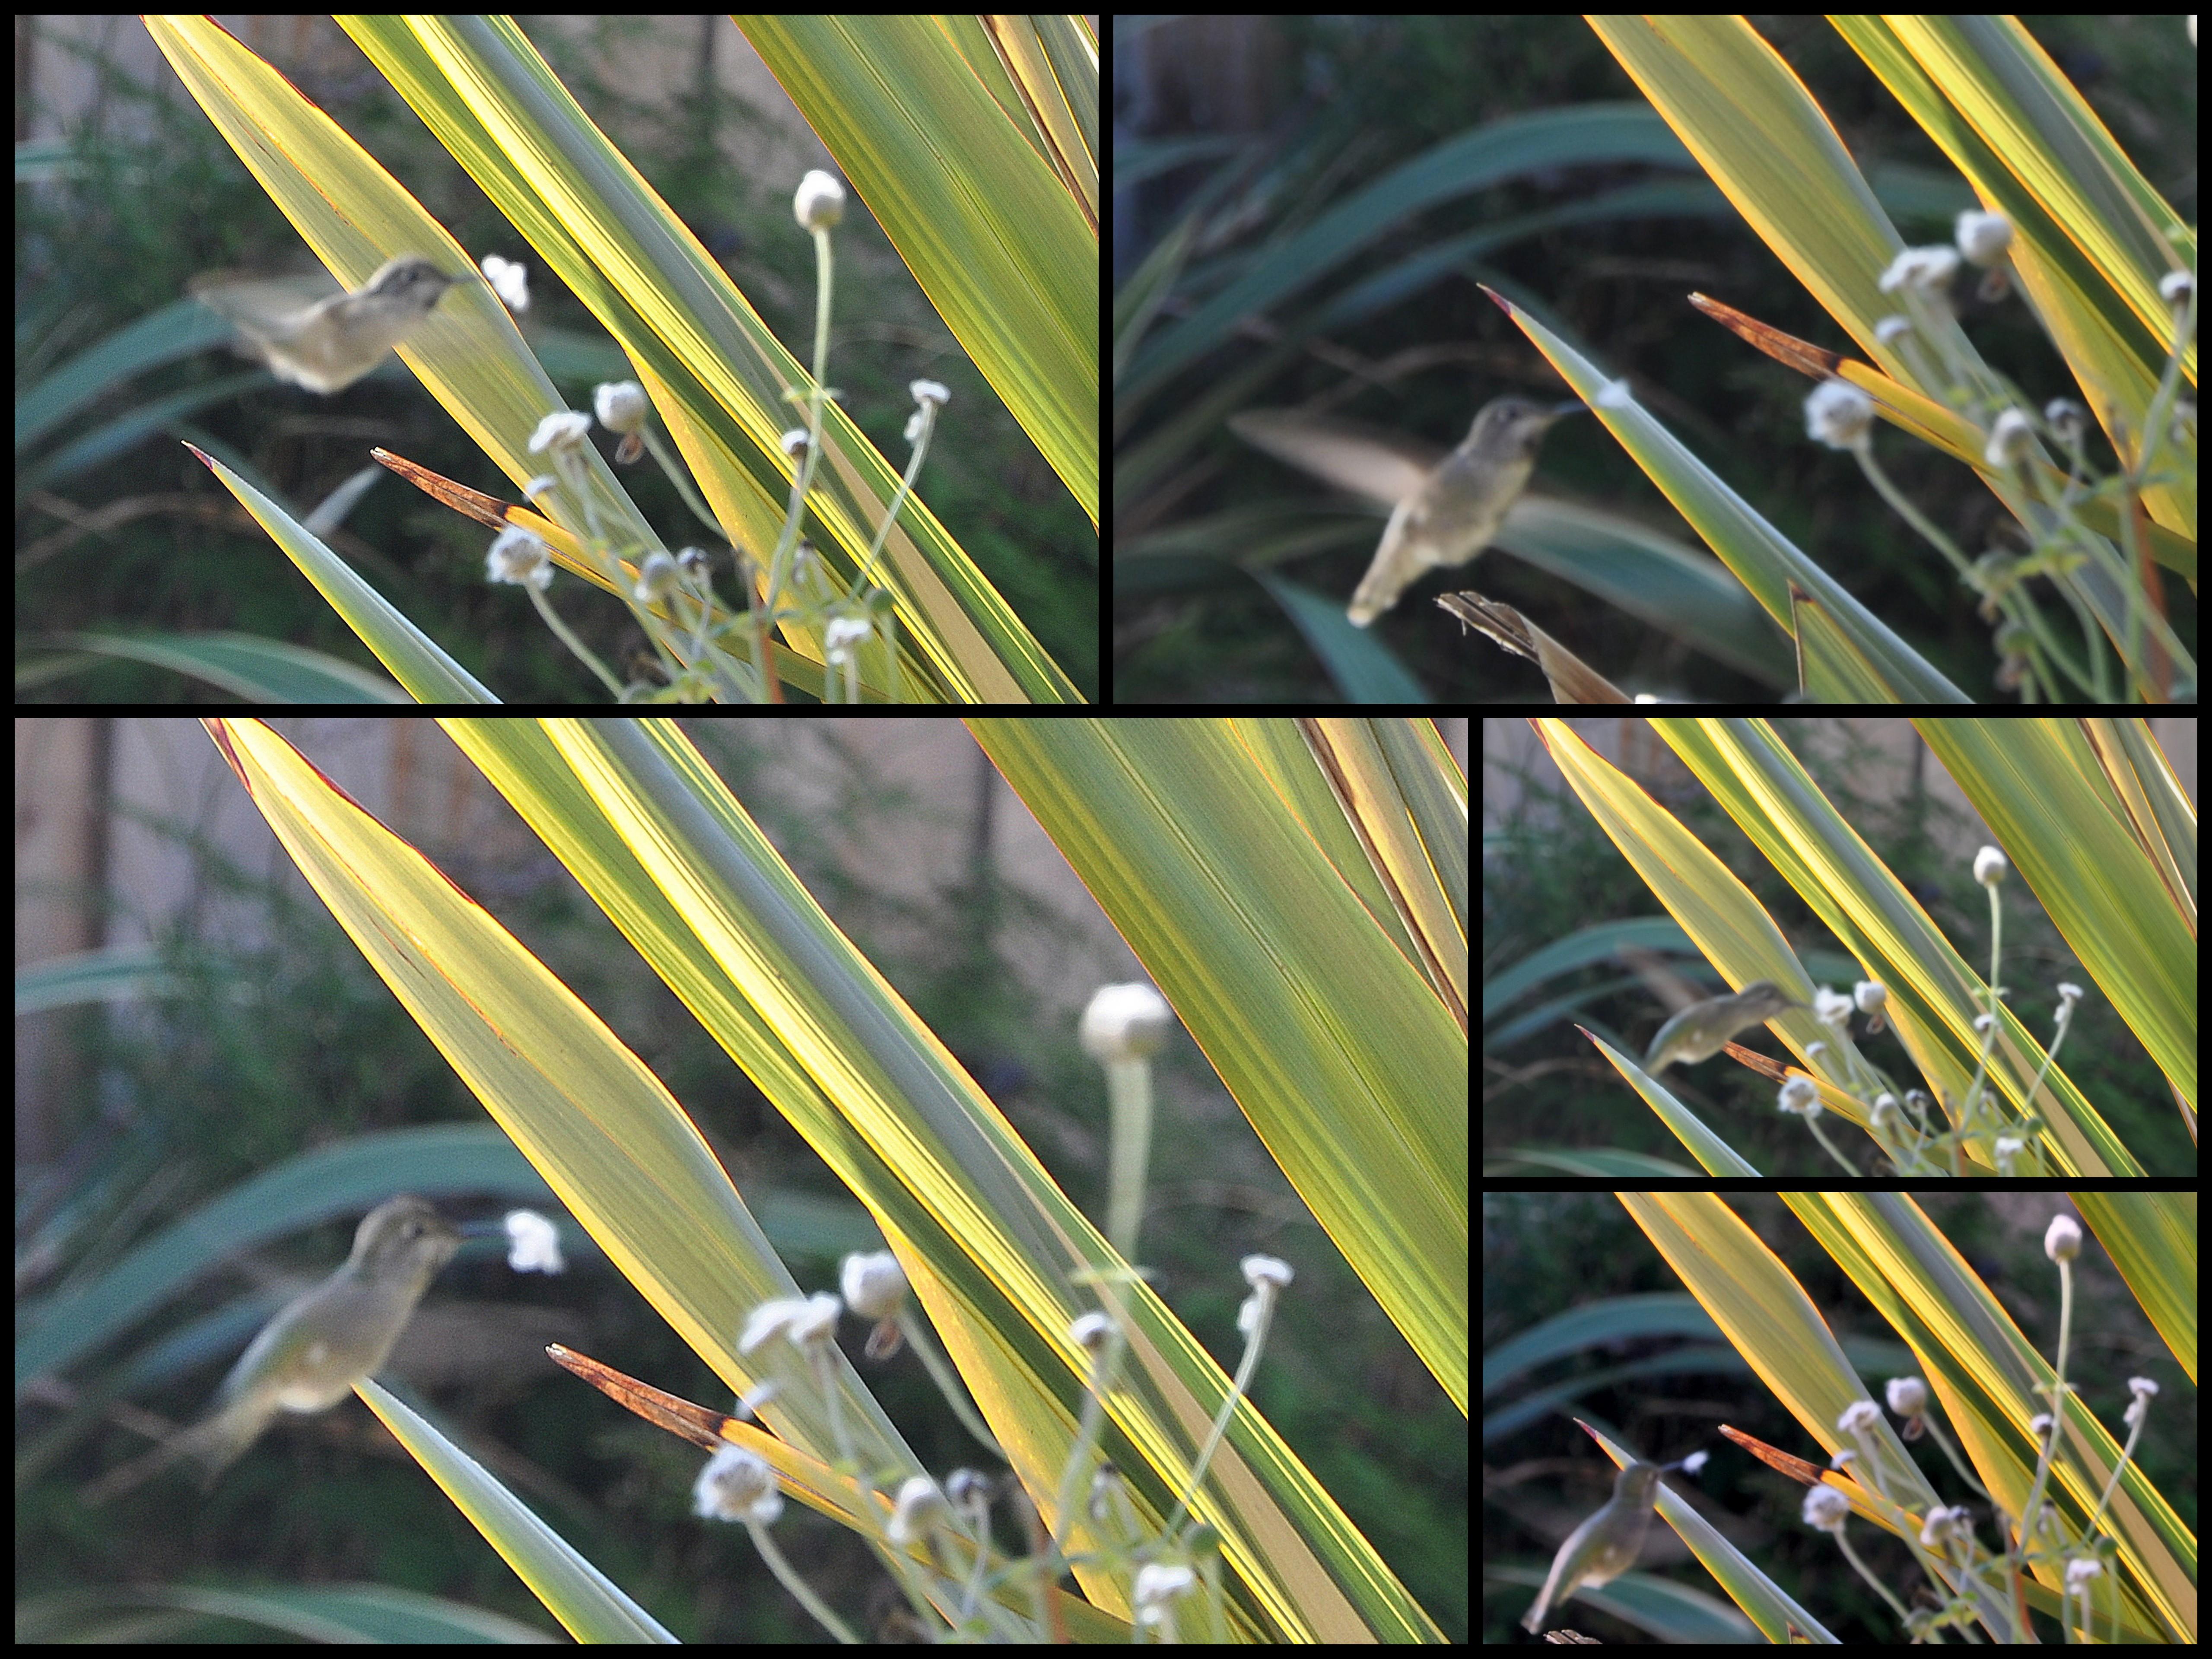 Los bebés del colibrí de Ana: De huevos a nido vacío | Jardines reales crecen naturales